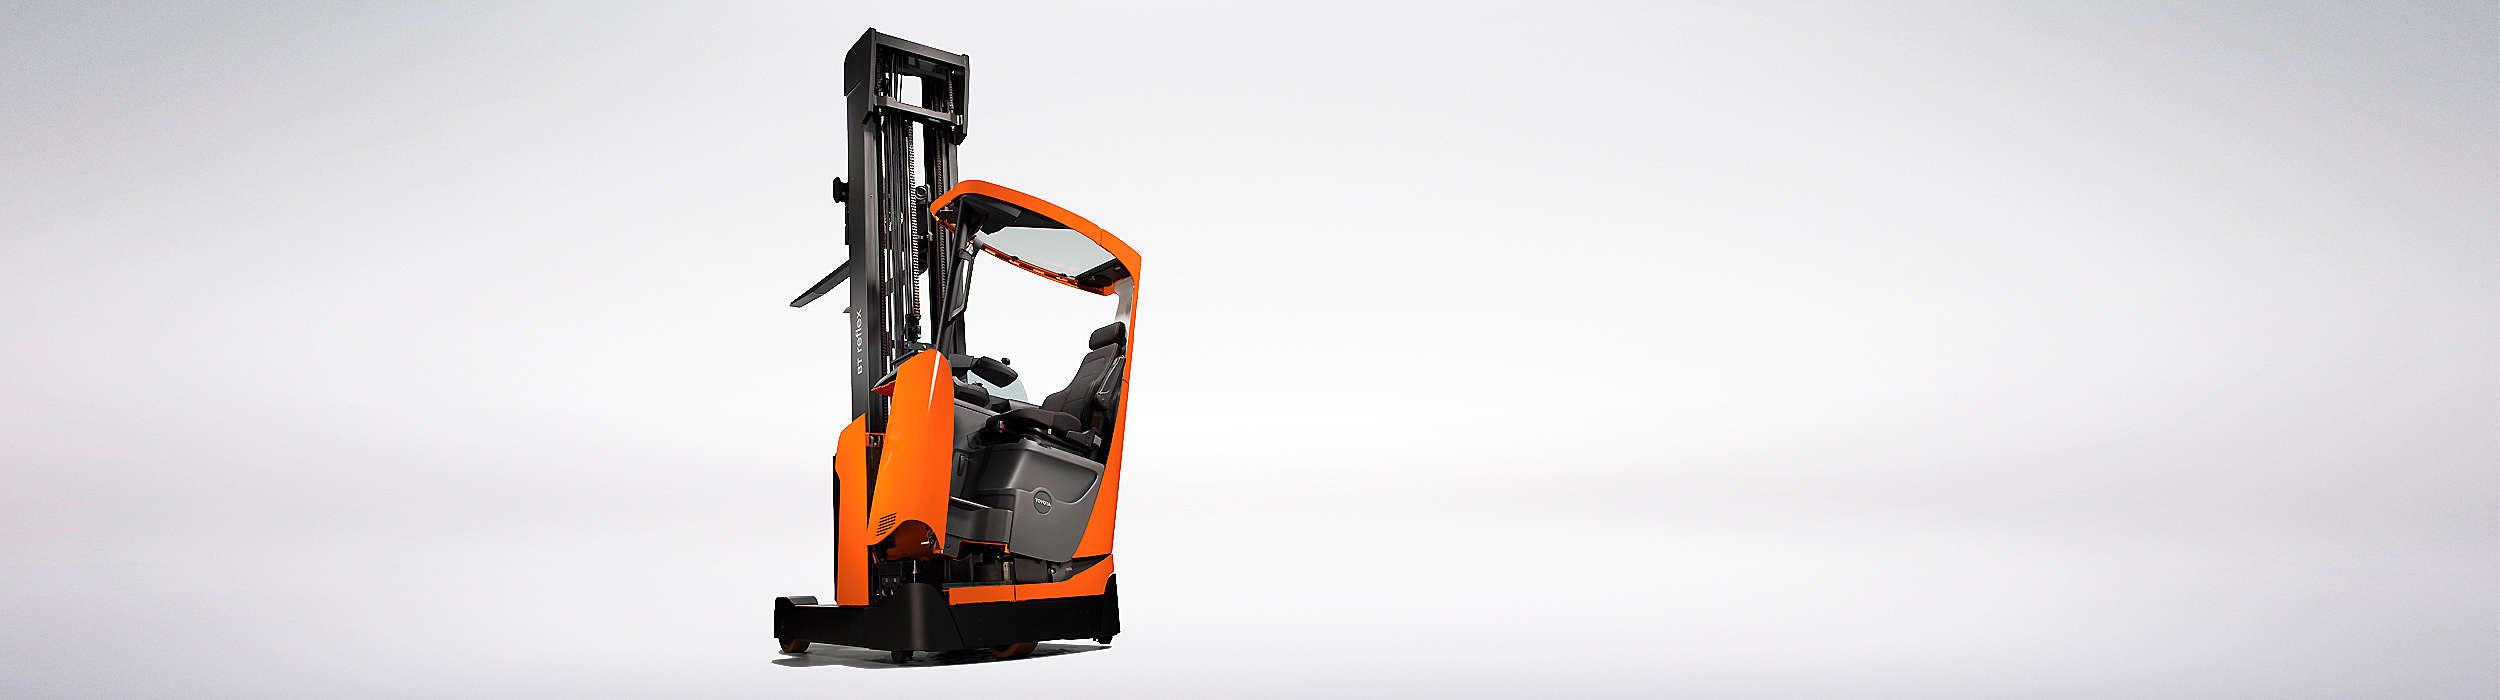 La BT Reflex Serie E con cabina inclinable única para la máxima comodidad del conductor.